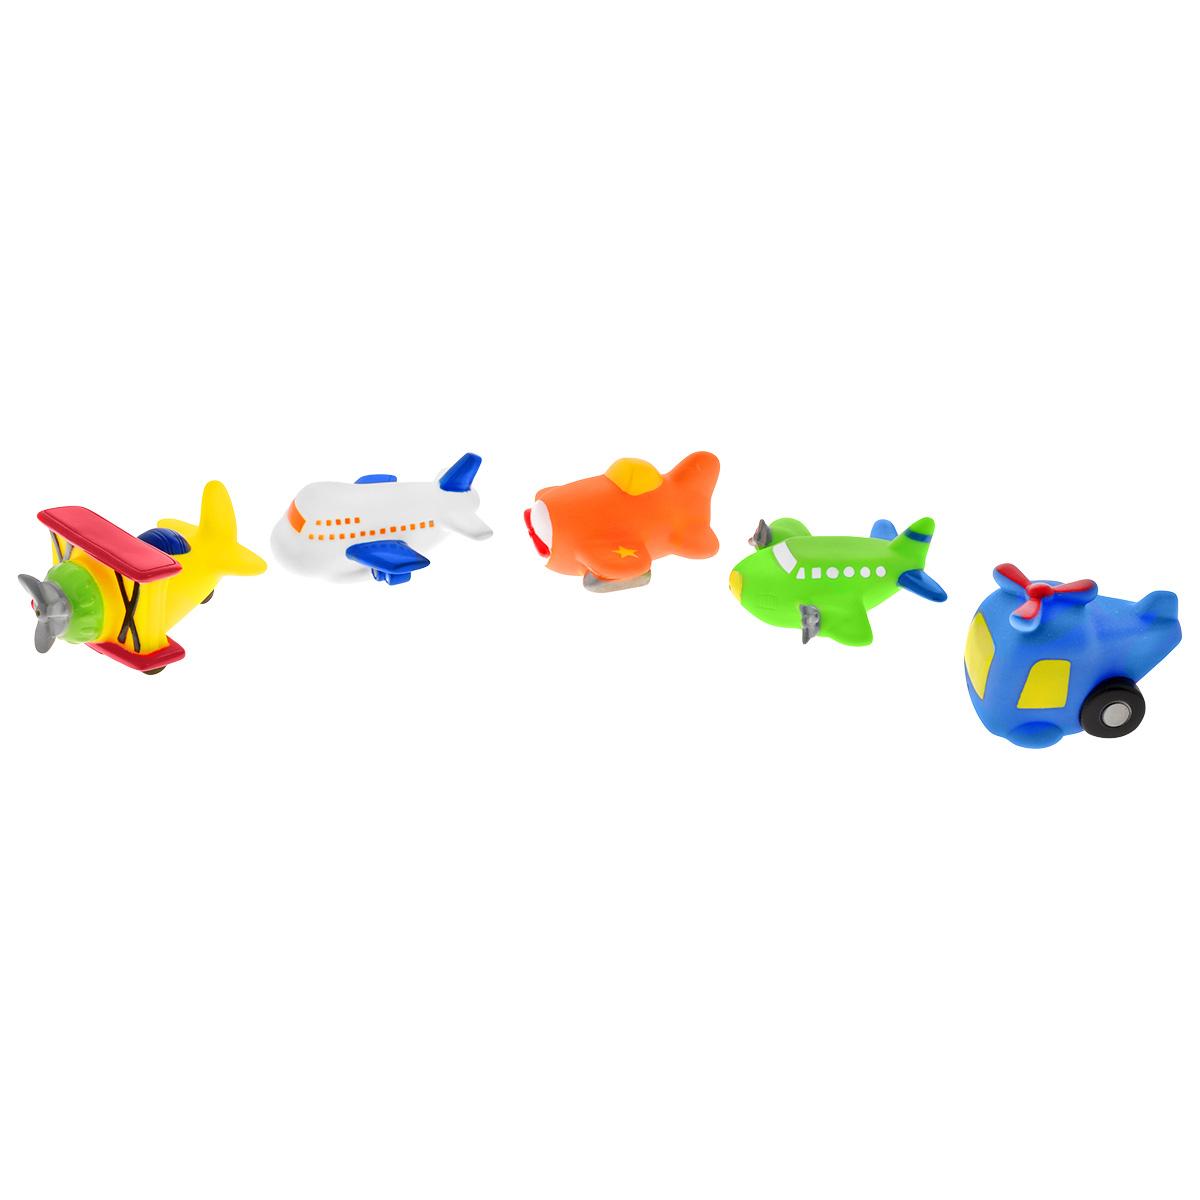 Игровой набор для ванны Mioshi Воздушное путешествие, 5 штMAU0304-011С набором для ванны Mioshi Воздушное путешествие ваш малыш с удовольствием будет совершать воздушное путешествие на территории ванной комнаты. В комплекте малыш обнаружит набор из 5 красочных авиатранспортных средств. Все составляющие набора приятны на ощупь, имеют удобную для захвата маленькими пальчиками эргономичную форму и быстро сохнут. Забавным дополнением также будет возможность игрушек брызгать водой при сжатии. Устраивайте водные сражения! Игрушки Mioshi Aqua помогают малышам быстрее приспосабливаться к водной среде, а процесс принятия водных процедур делают веселым и увлекательным.